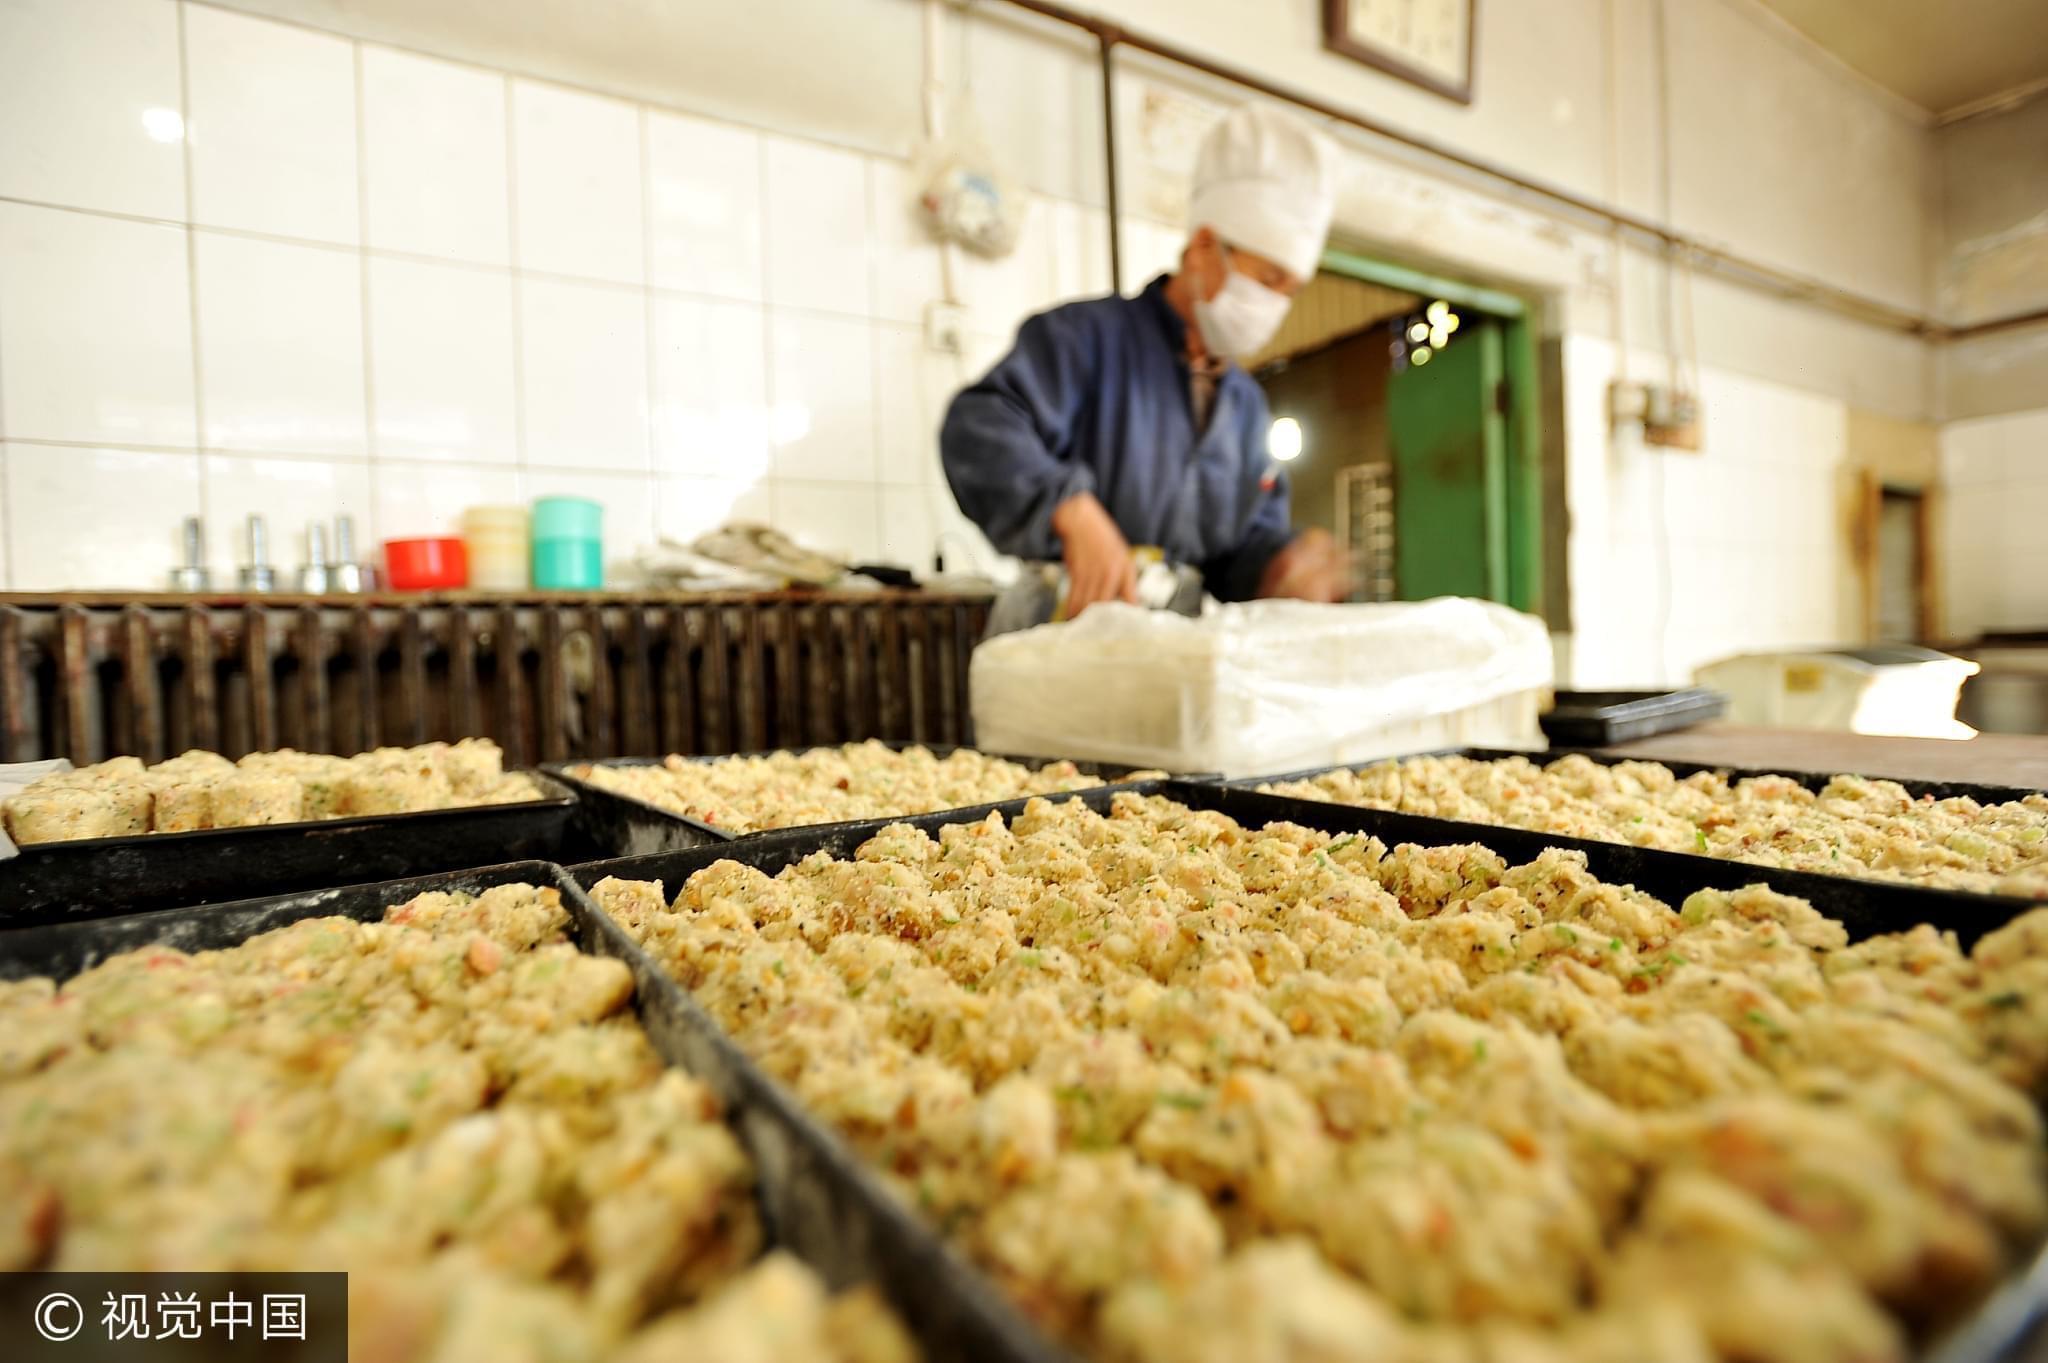 五仁月饼这么难吃,为什么还没有从世界上消失